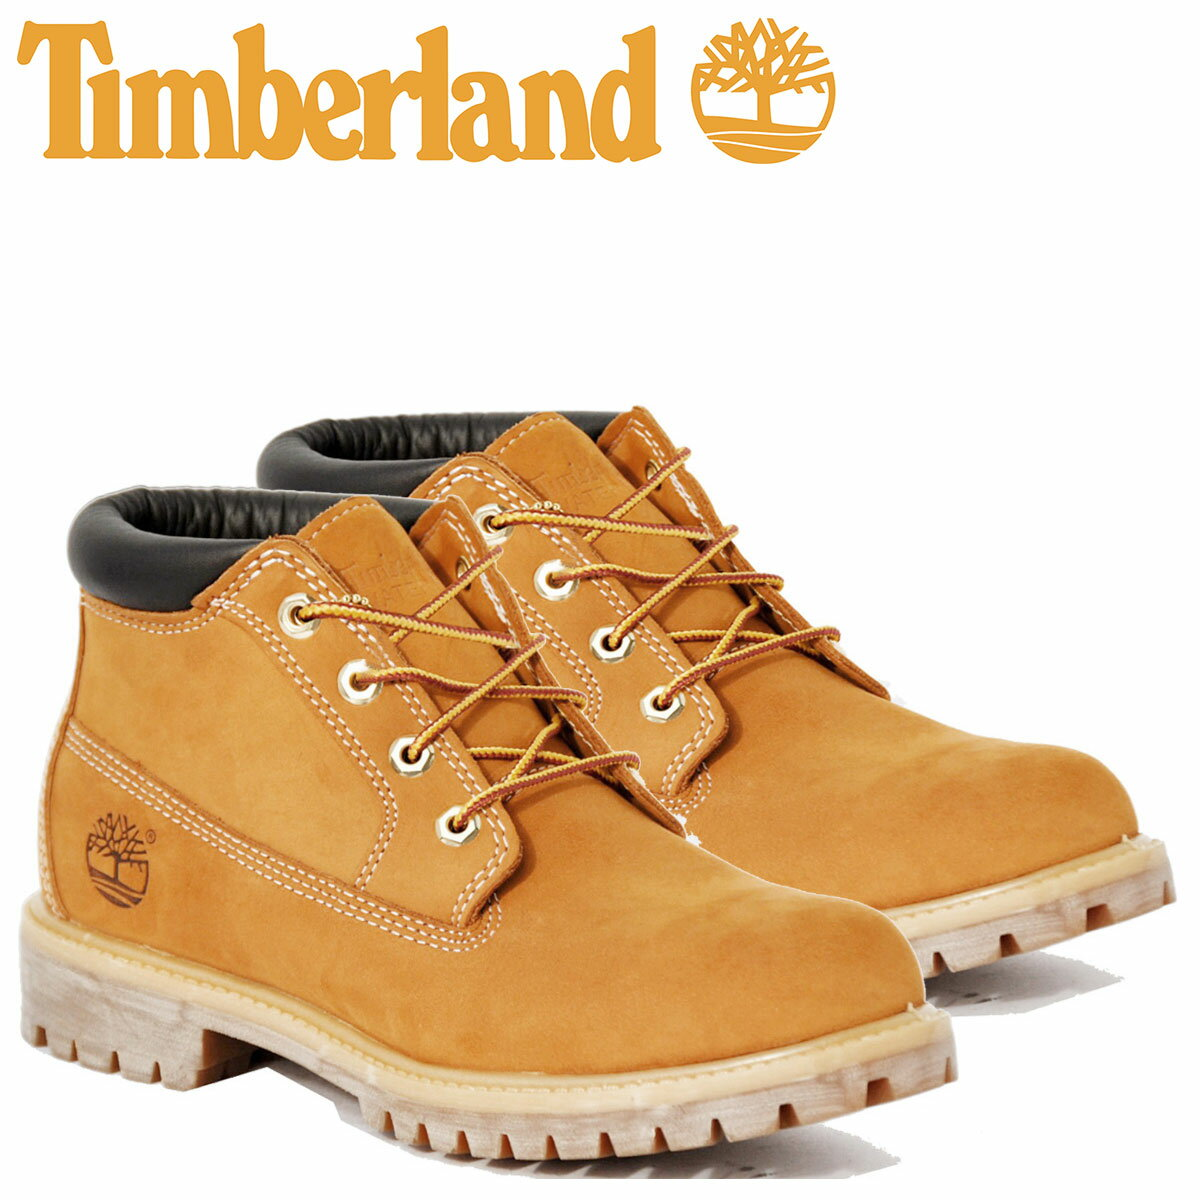 ティンバーランド ブーツ チャッカ メンズ Timberland WATERPROOF CHUKKA BOOT 23061 Wワイズ 防水 [11/1 追加入荷]